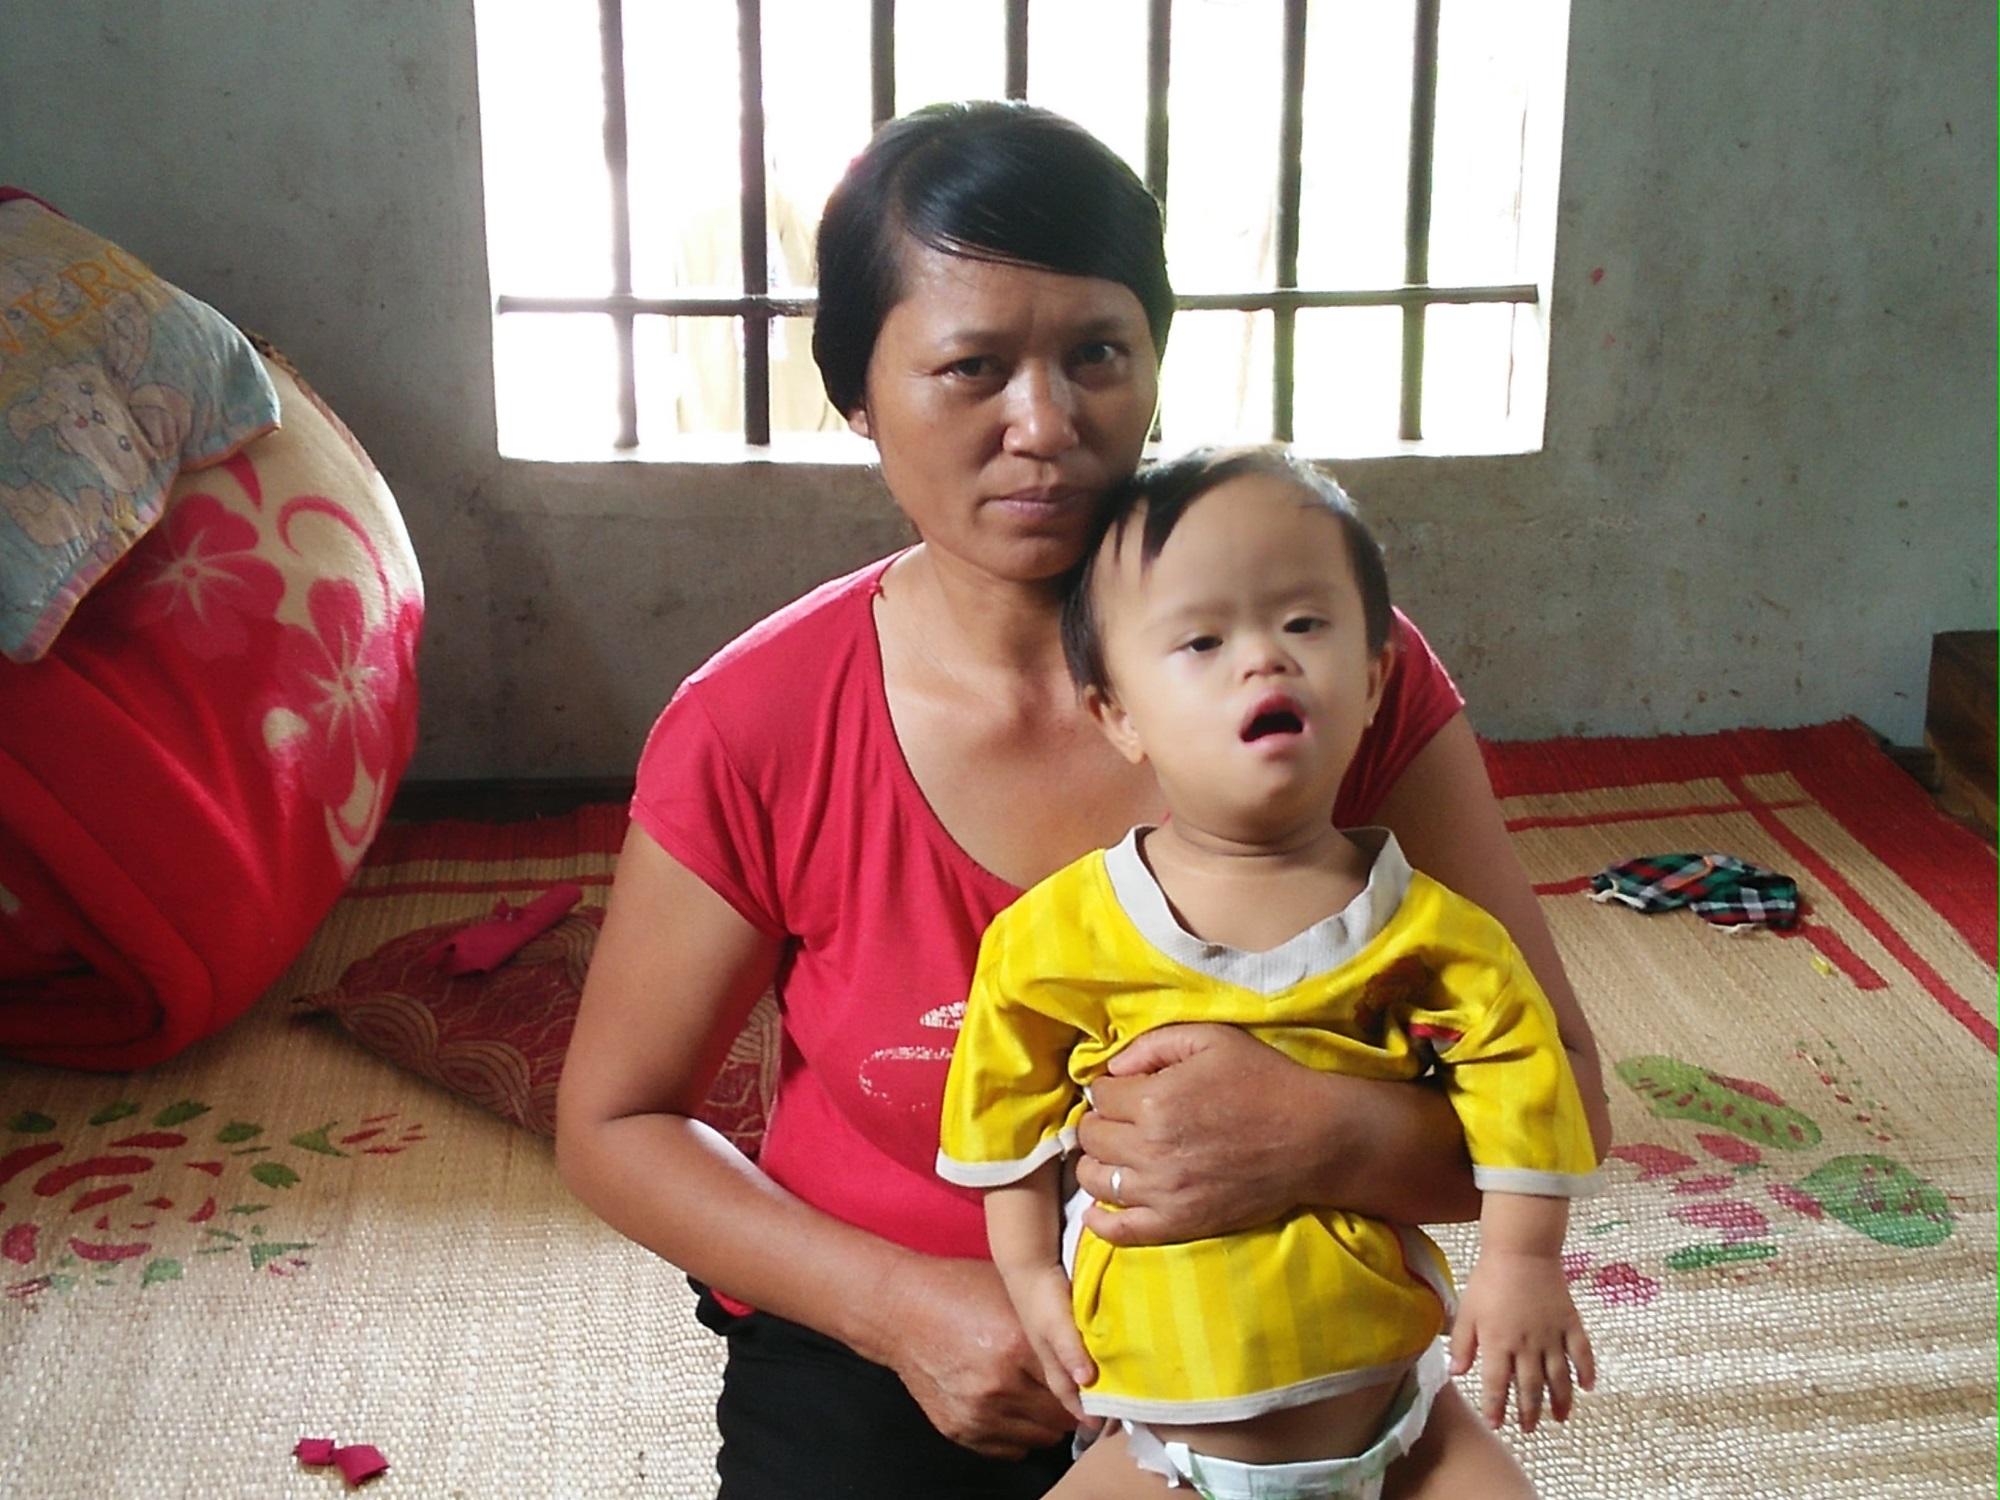 Chuyện đời bất hạnh của gia đình 'người lùn': 'Tôi phải làm sao để cứu con mình đây?' - Ảnh 2